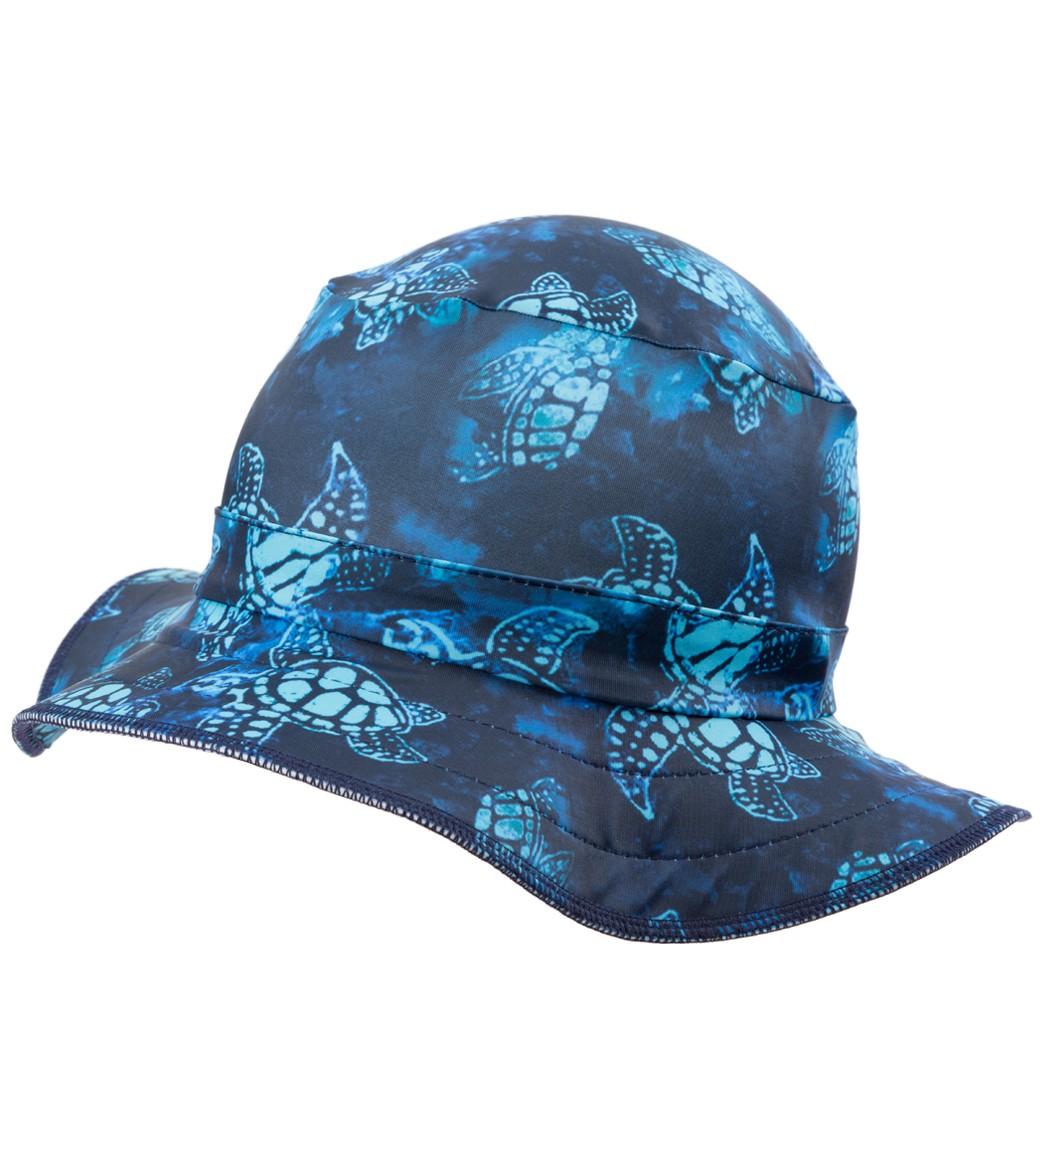 Swimlids Turtle UPF 50+ Bucket Hat at SwimOutlet.com bbfb20e98a0